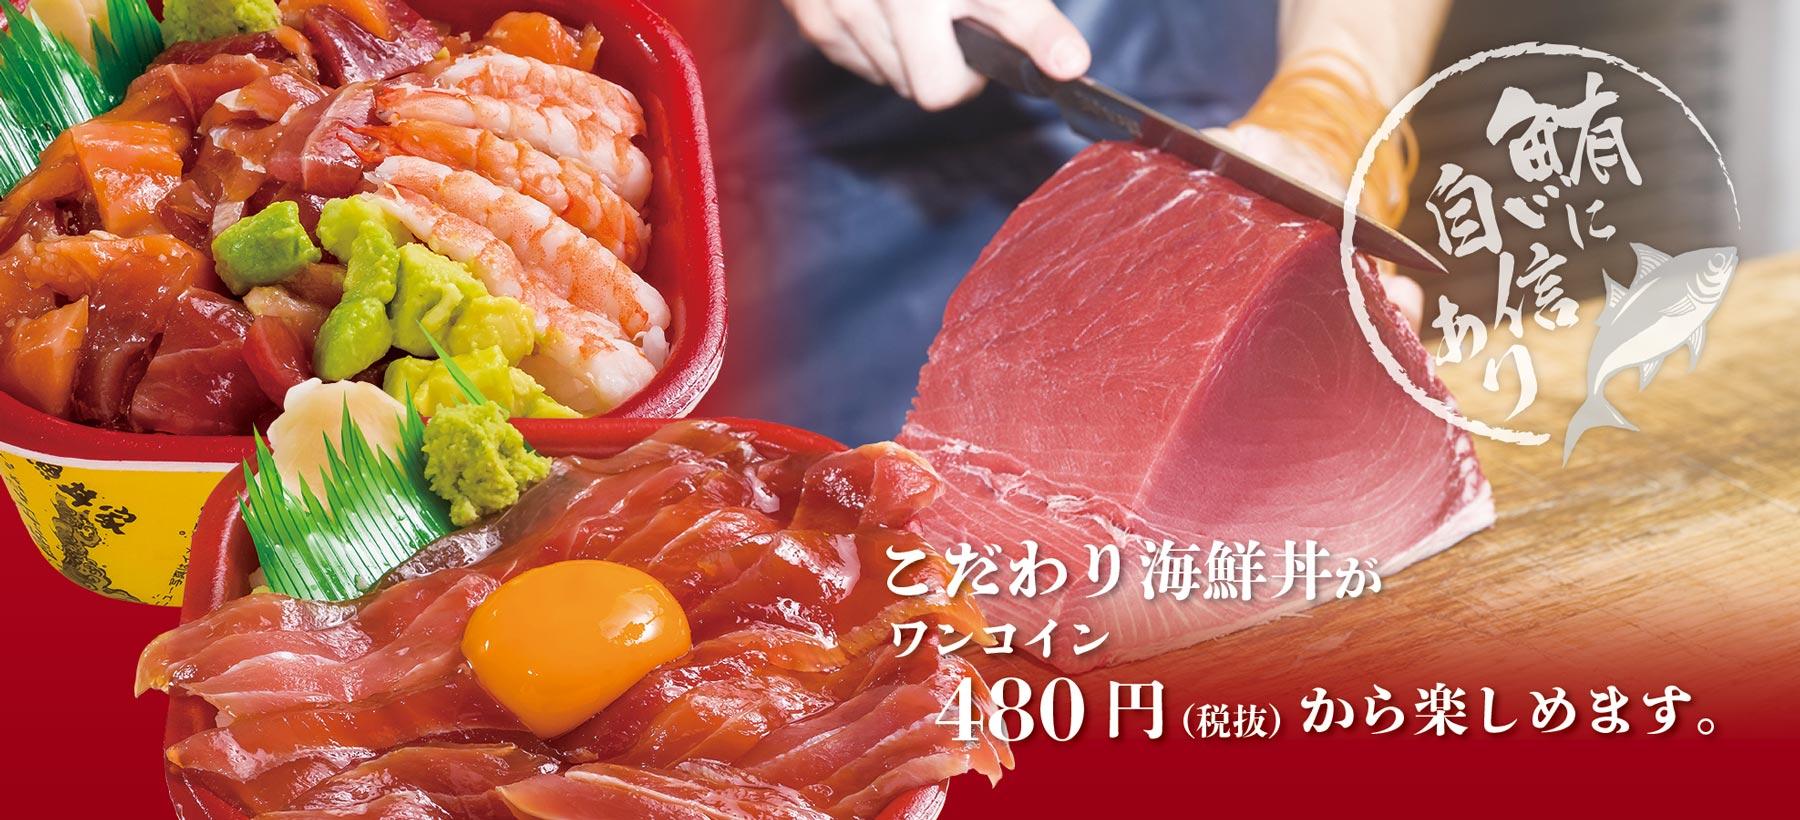 こだわり海鮮丼がワンコイン480円(税抜)から楽しめます。